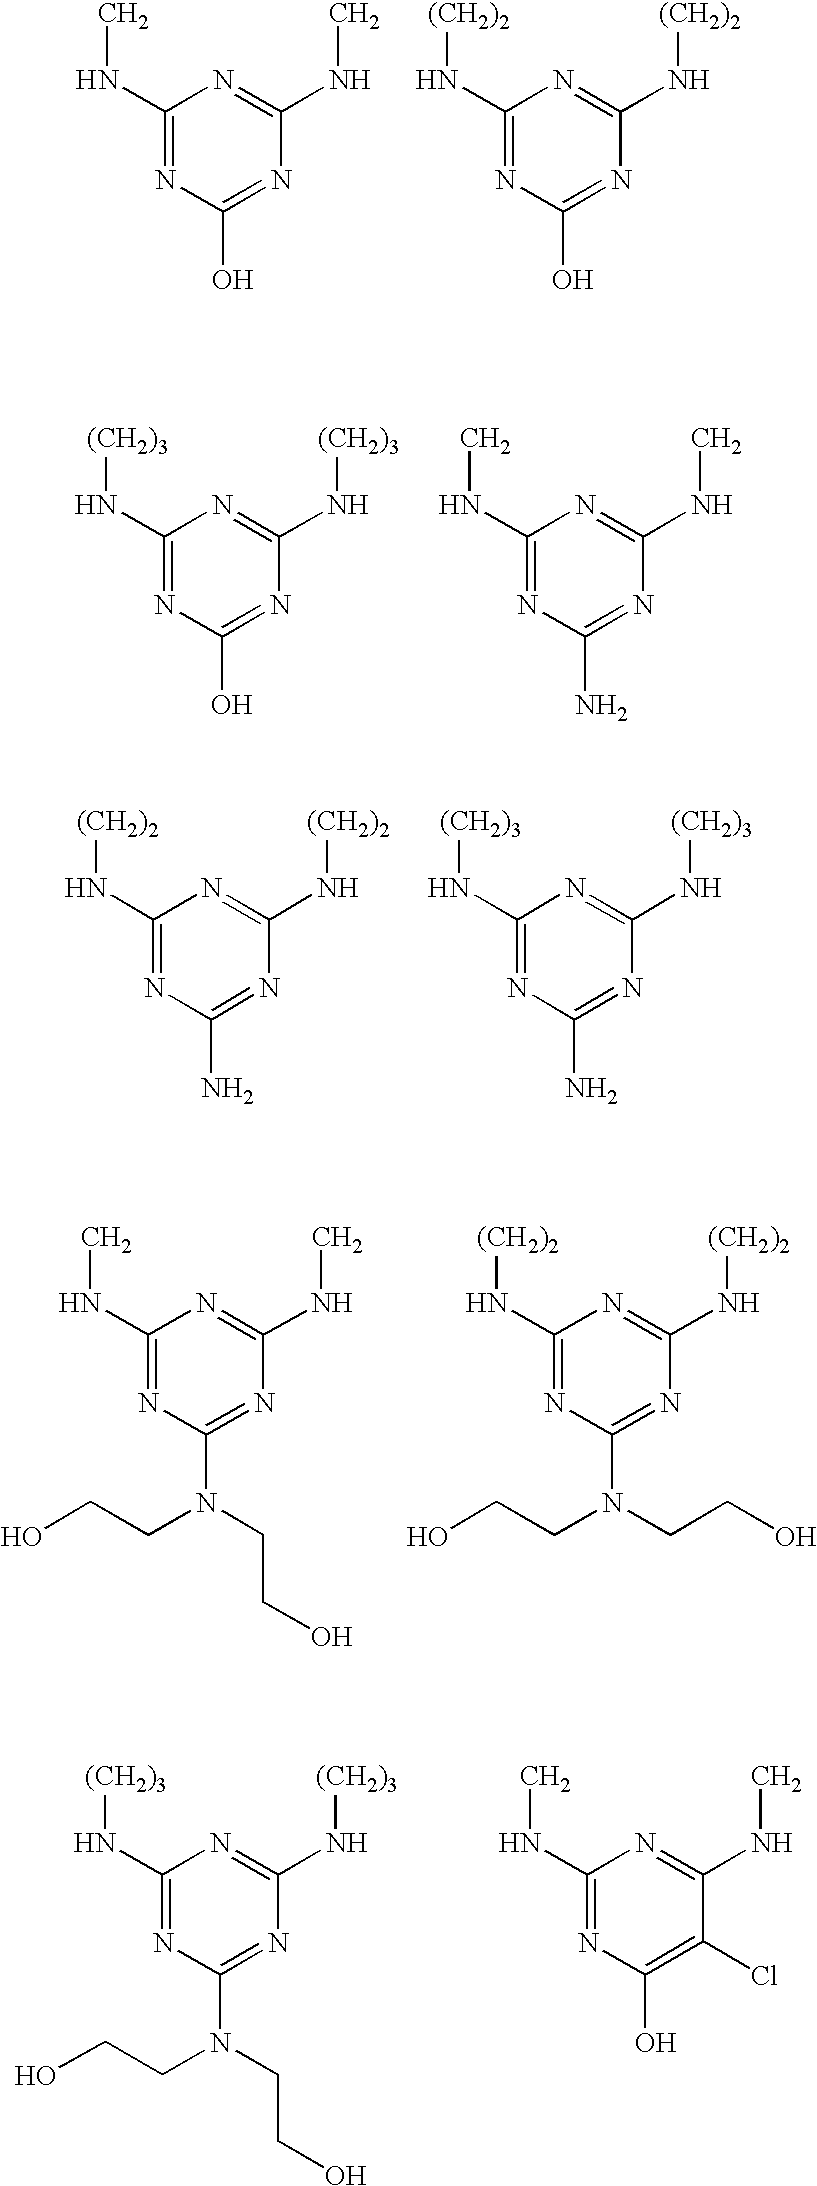 Figure US20050005368A1-20050113-C00007